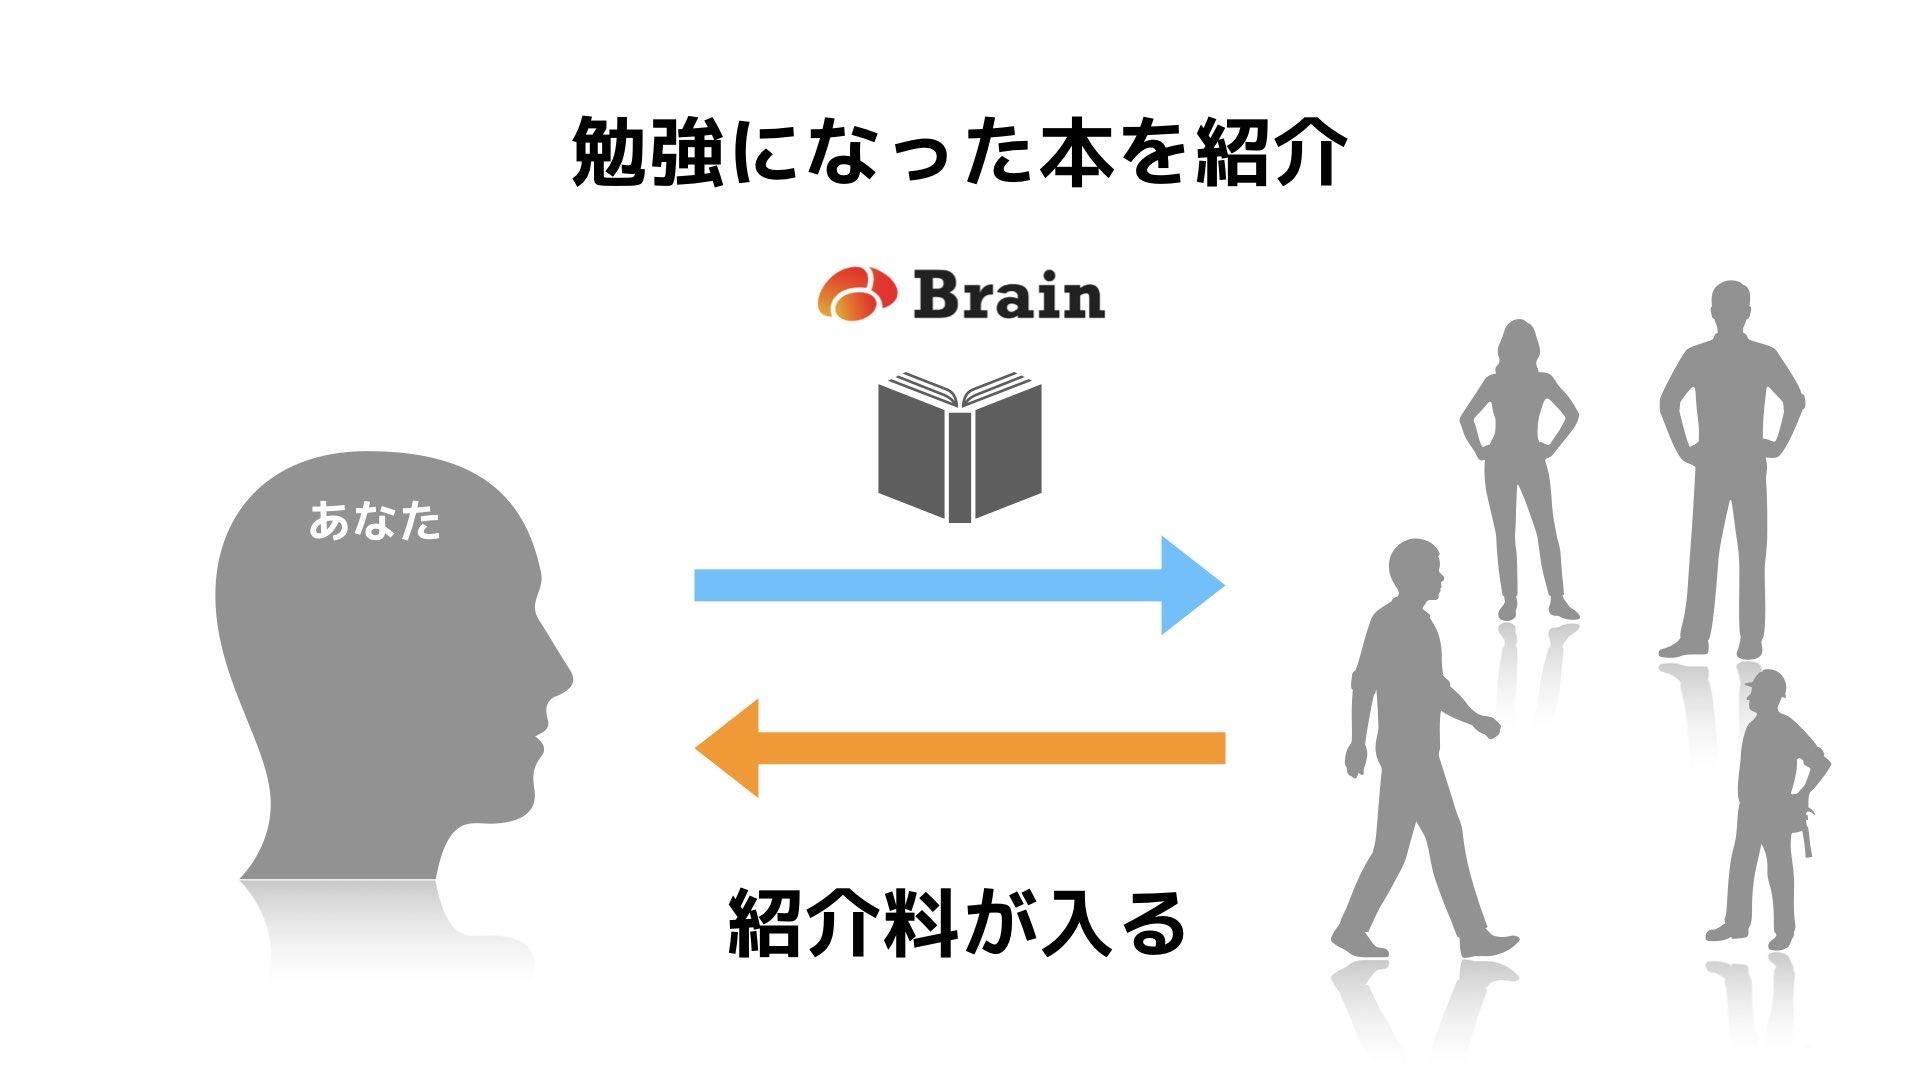 Brain仕組み